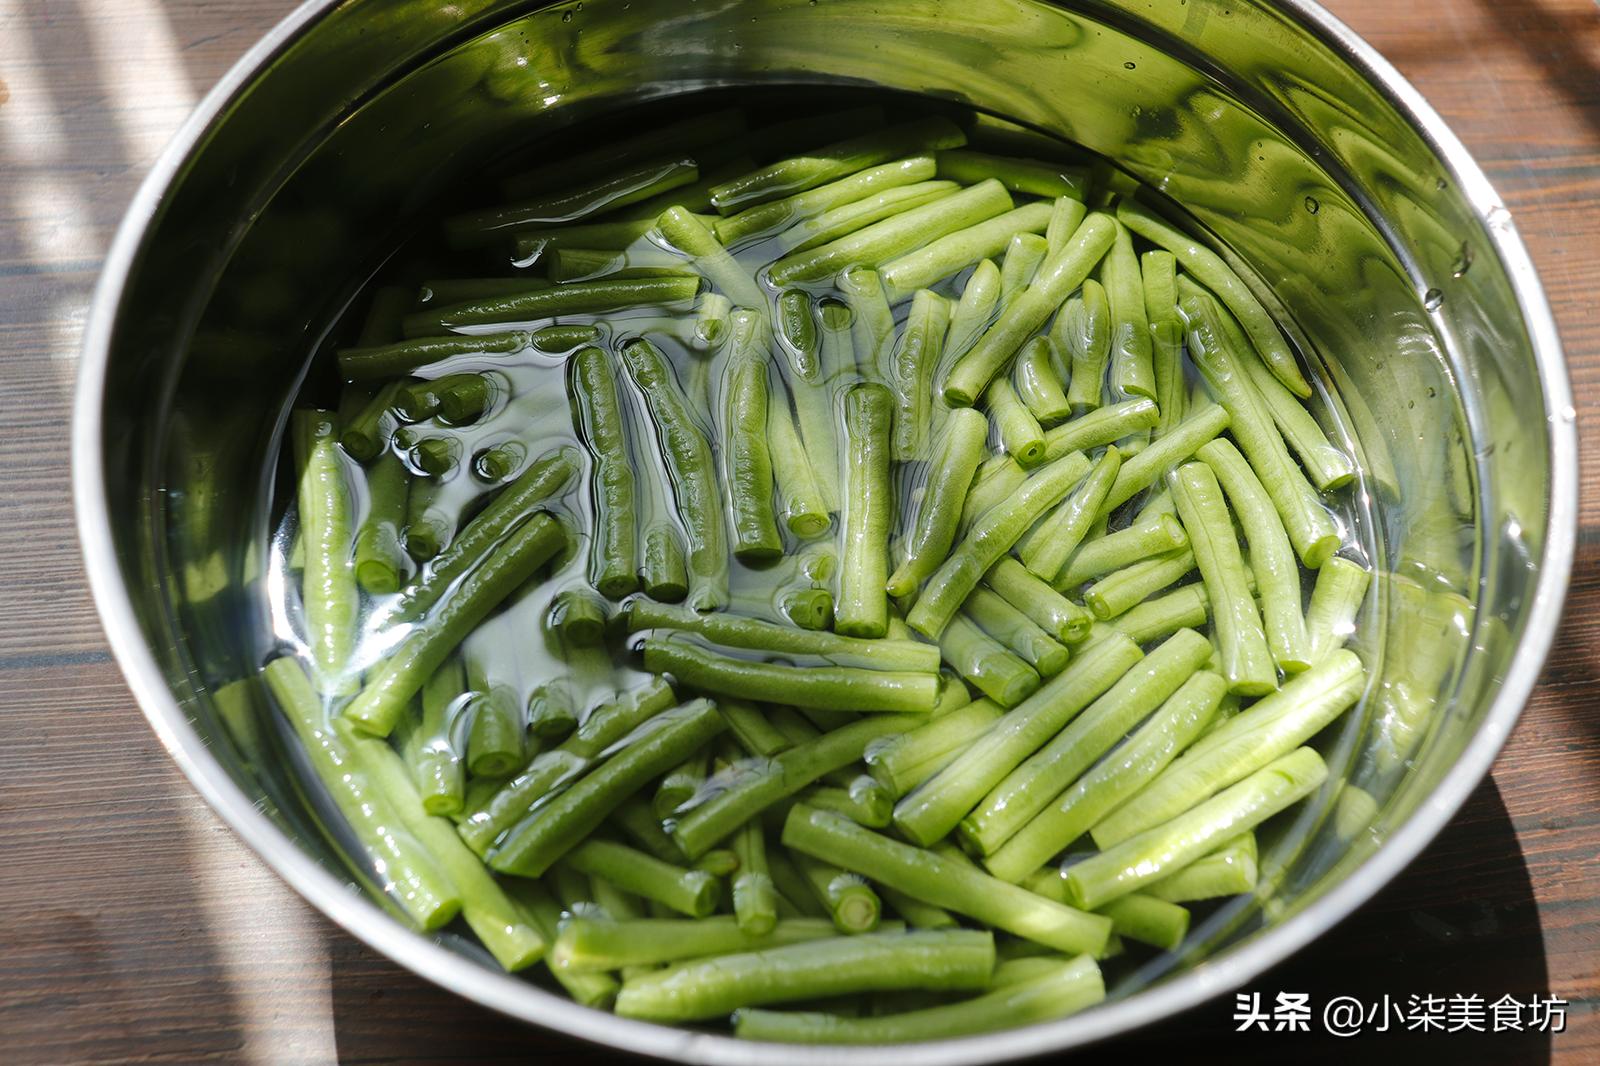 炒豆角时,切记不要直接下锅炒,多加2步,鲜嫩入味,营养又下饭 美食做法 第4张